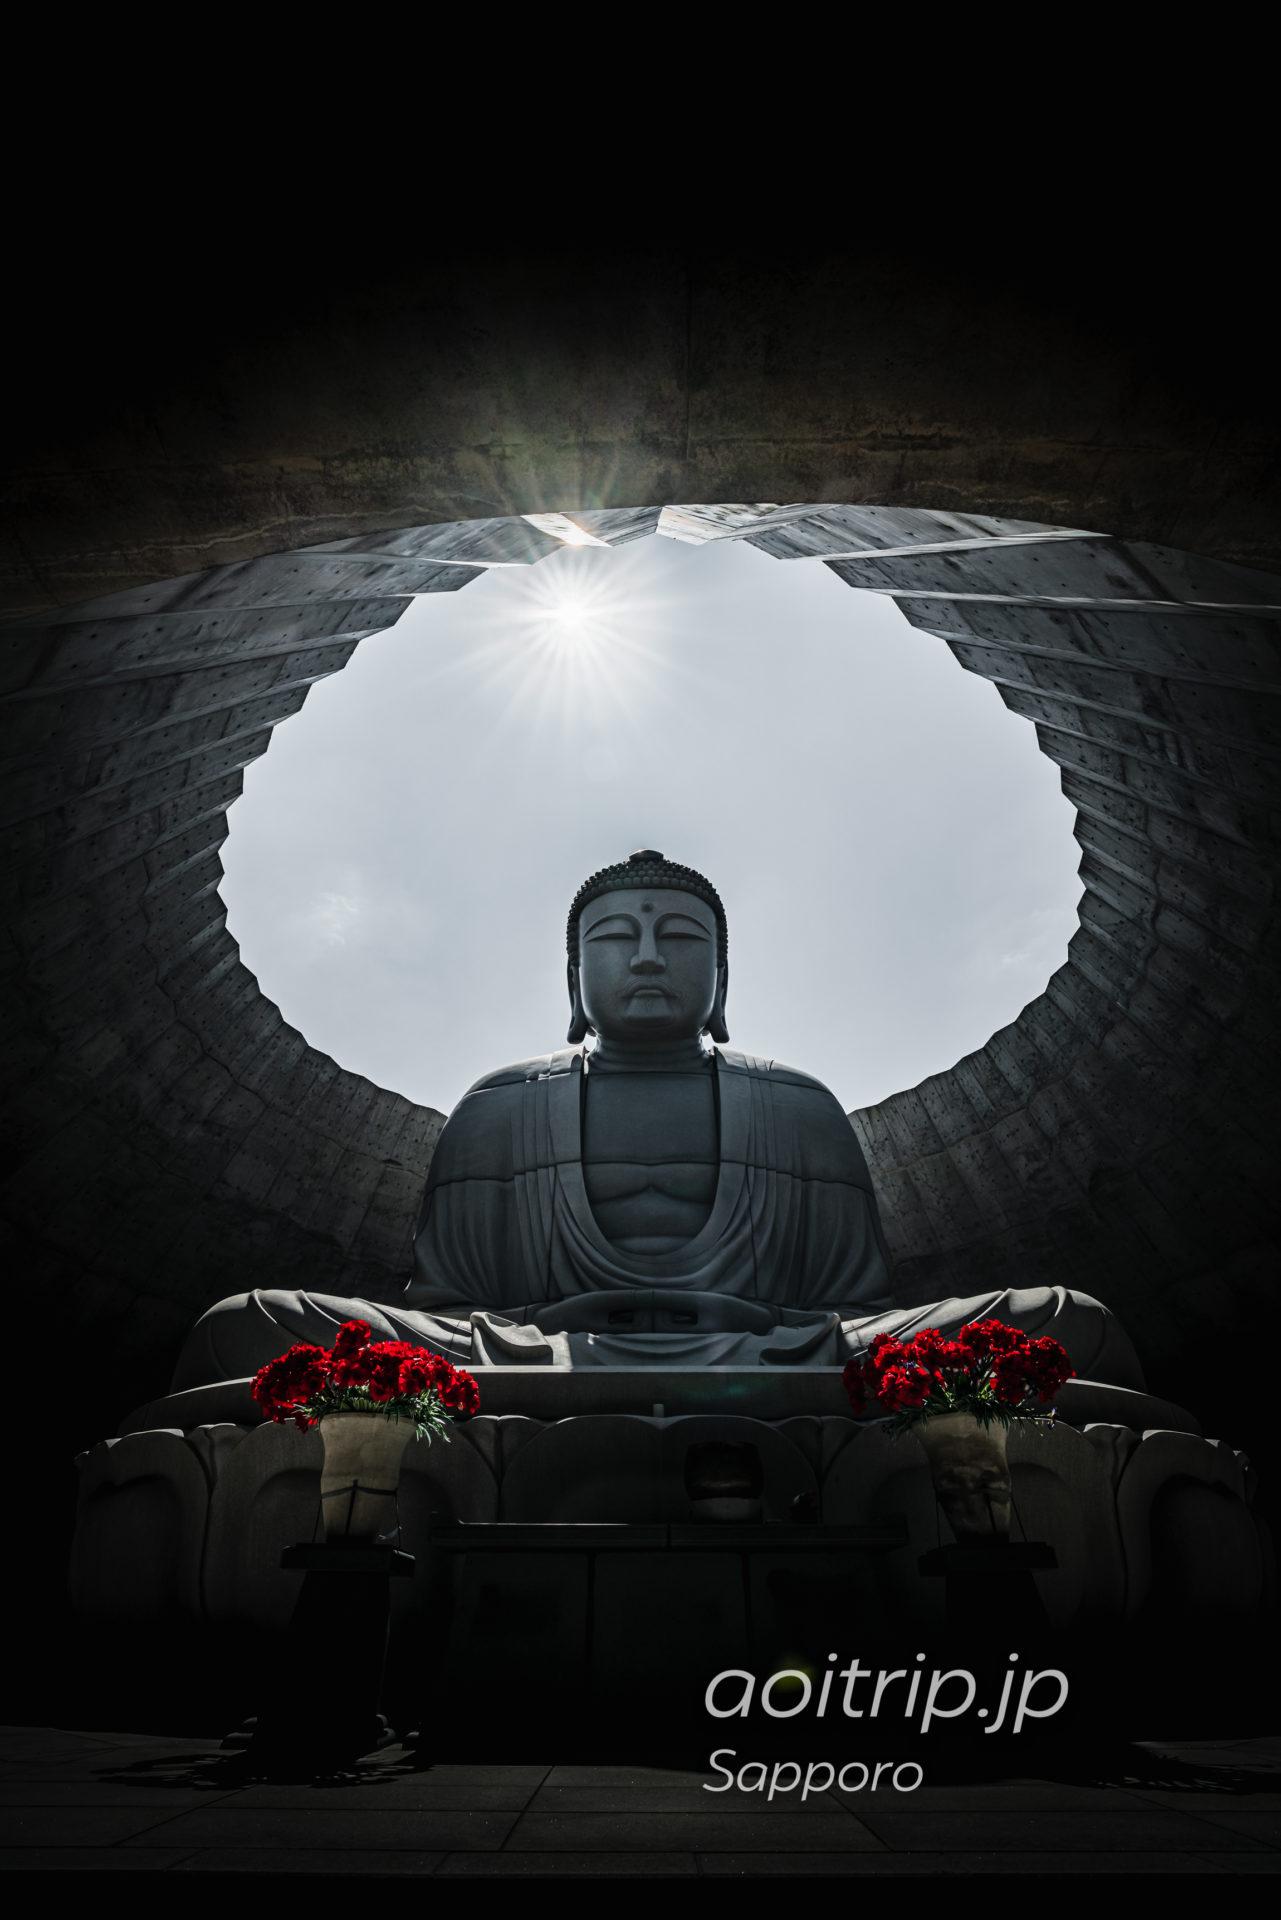 札幌市南区 真駒内滝野霊園にある頭大仏殿